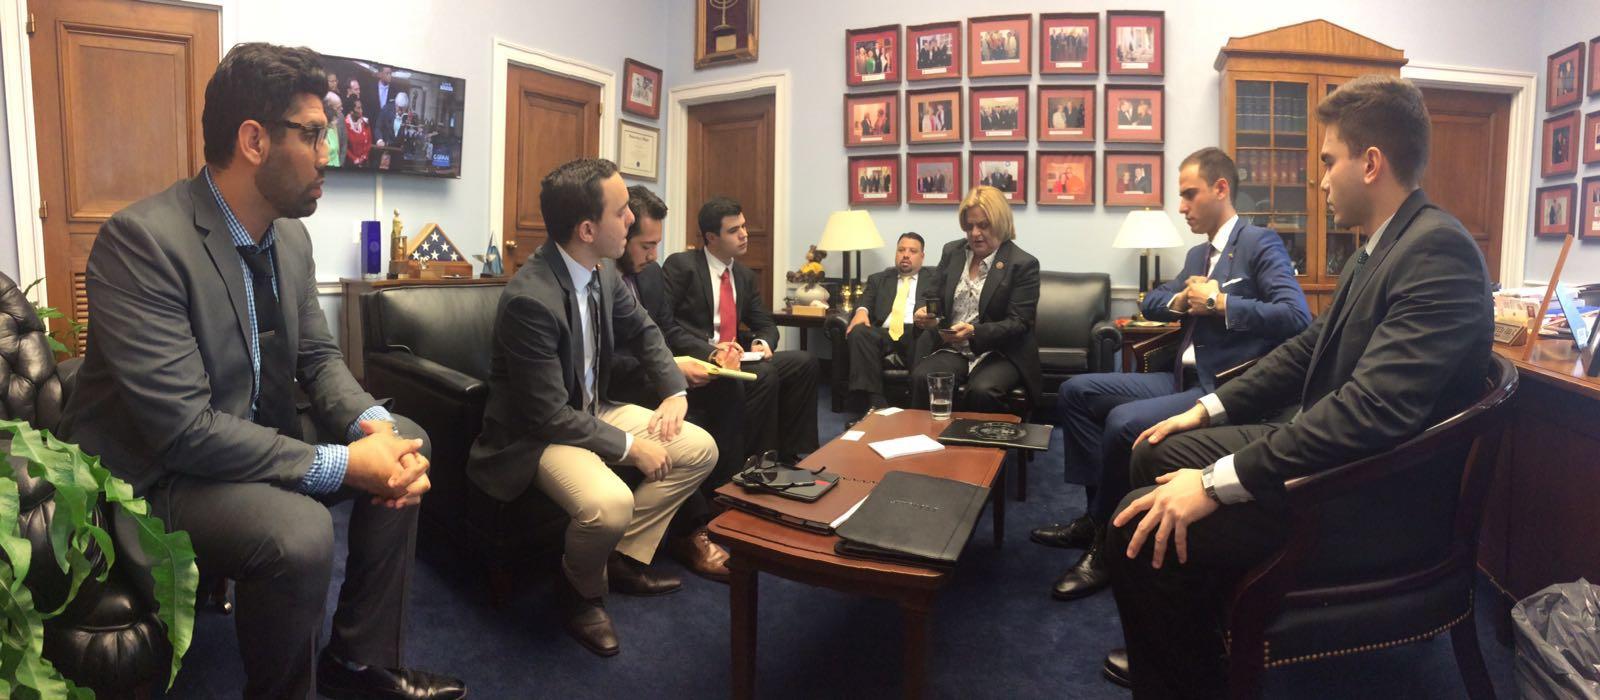 Delegación de jovenes venezolanos en el Congreso de EE.UU junto a la Congresista Ileana Ros Lehtinen